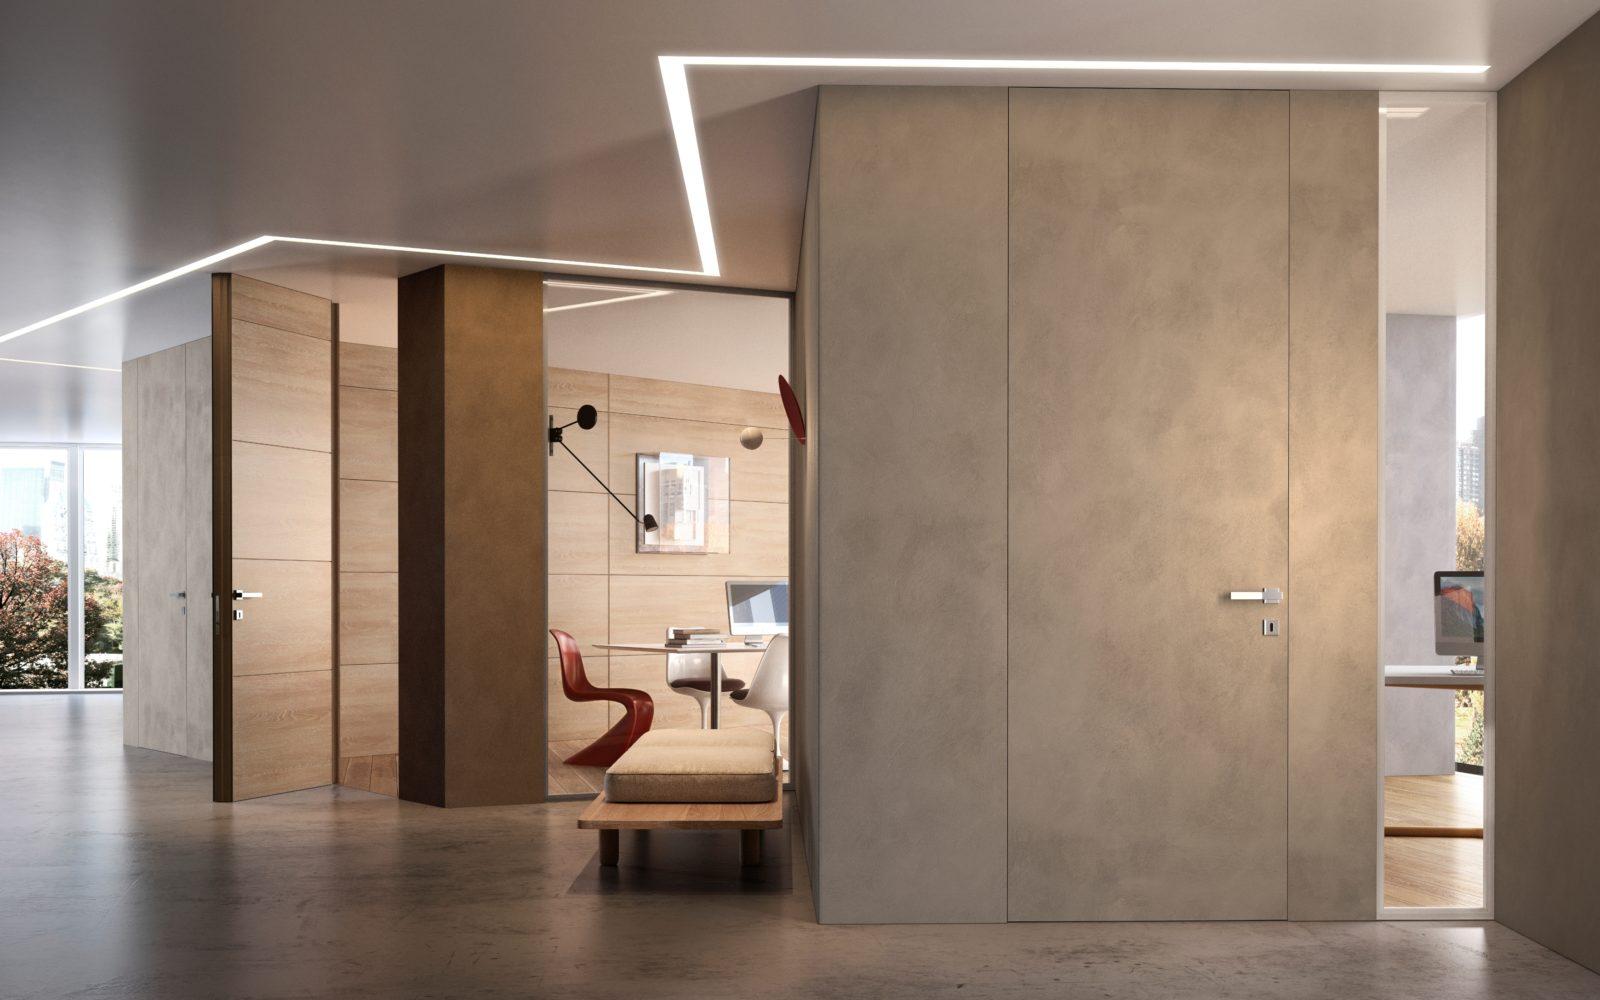 Porte filo muro personalizzabili: legno, laminato, vetro | Garofoli